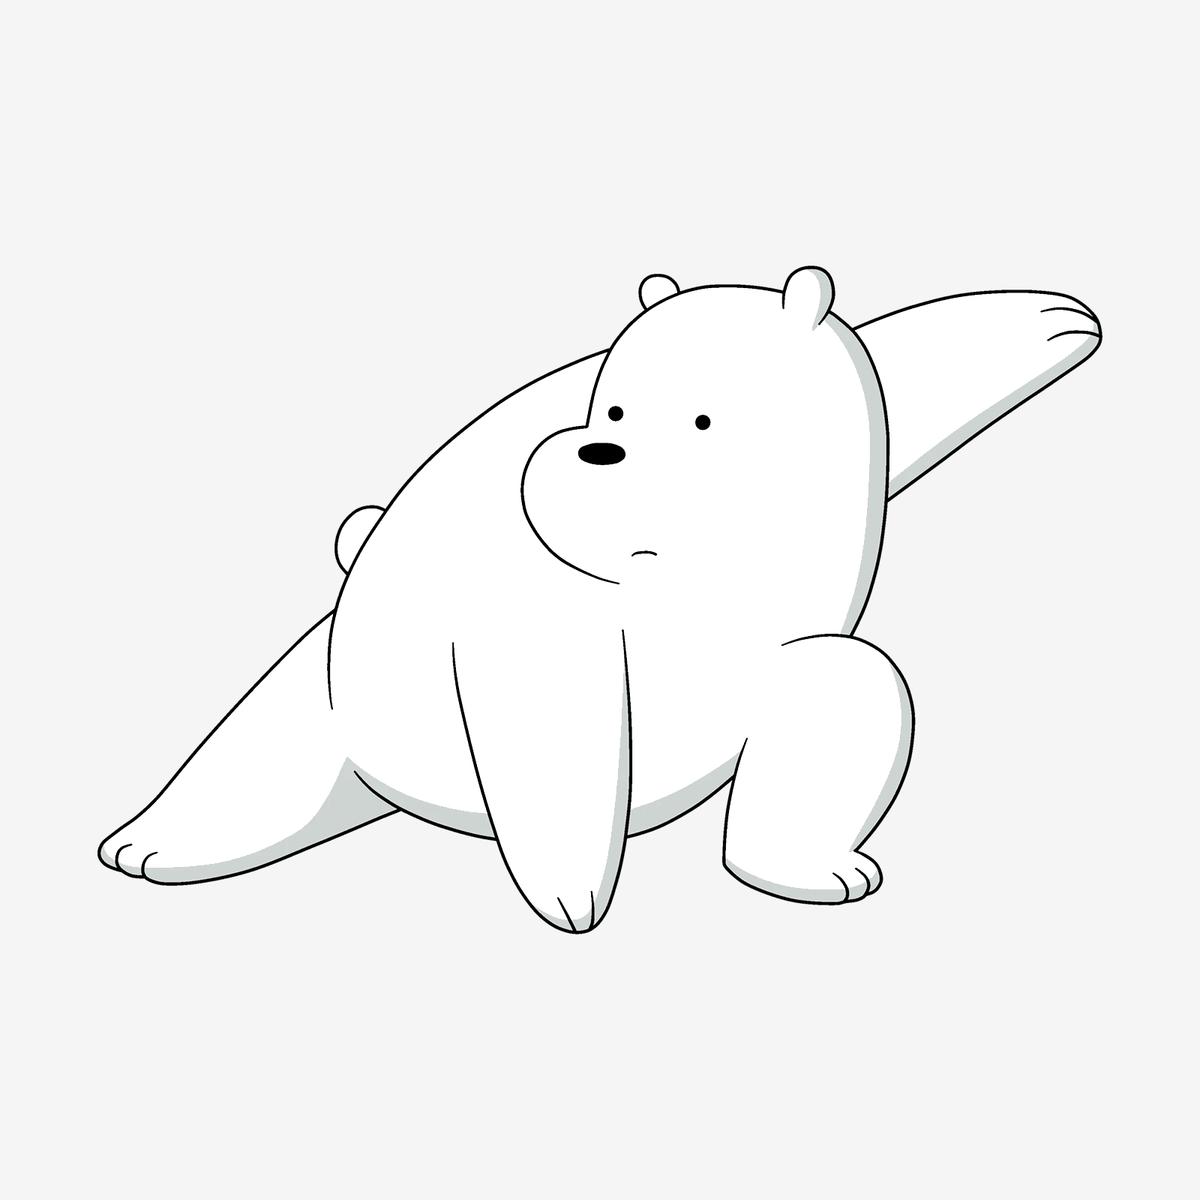 Белый медведь — один из главных героев мультсериала We Bare Bears